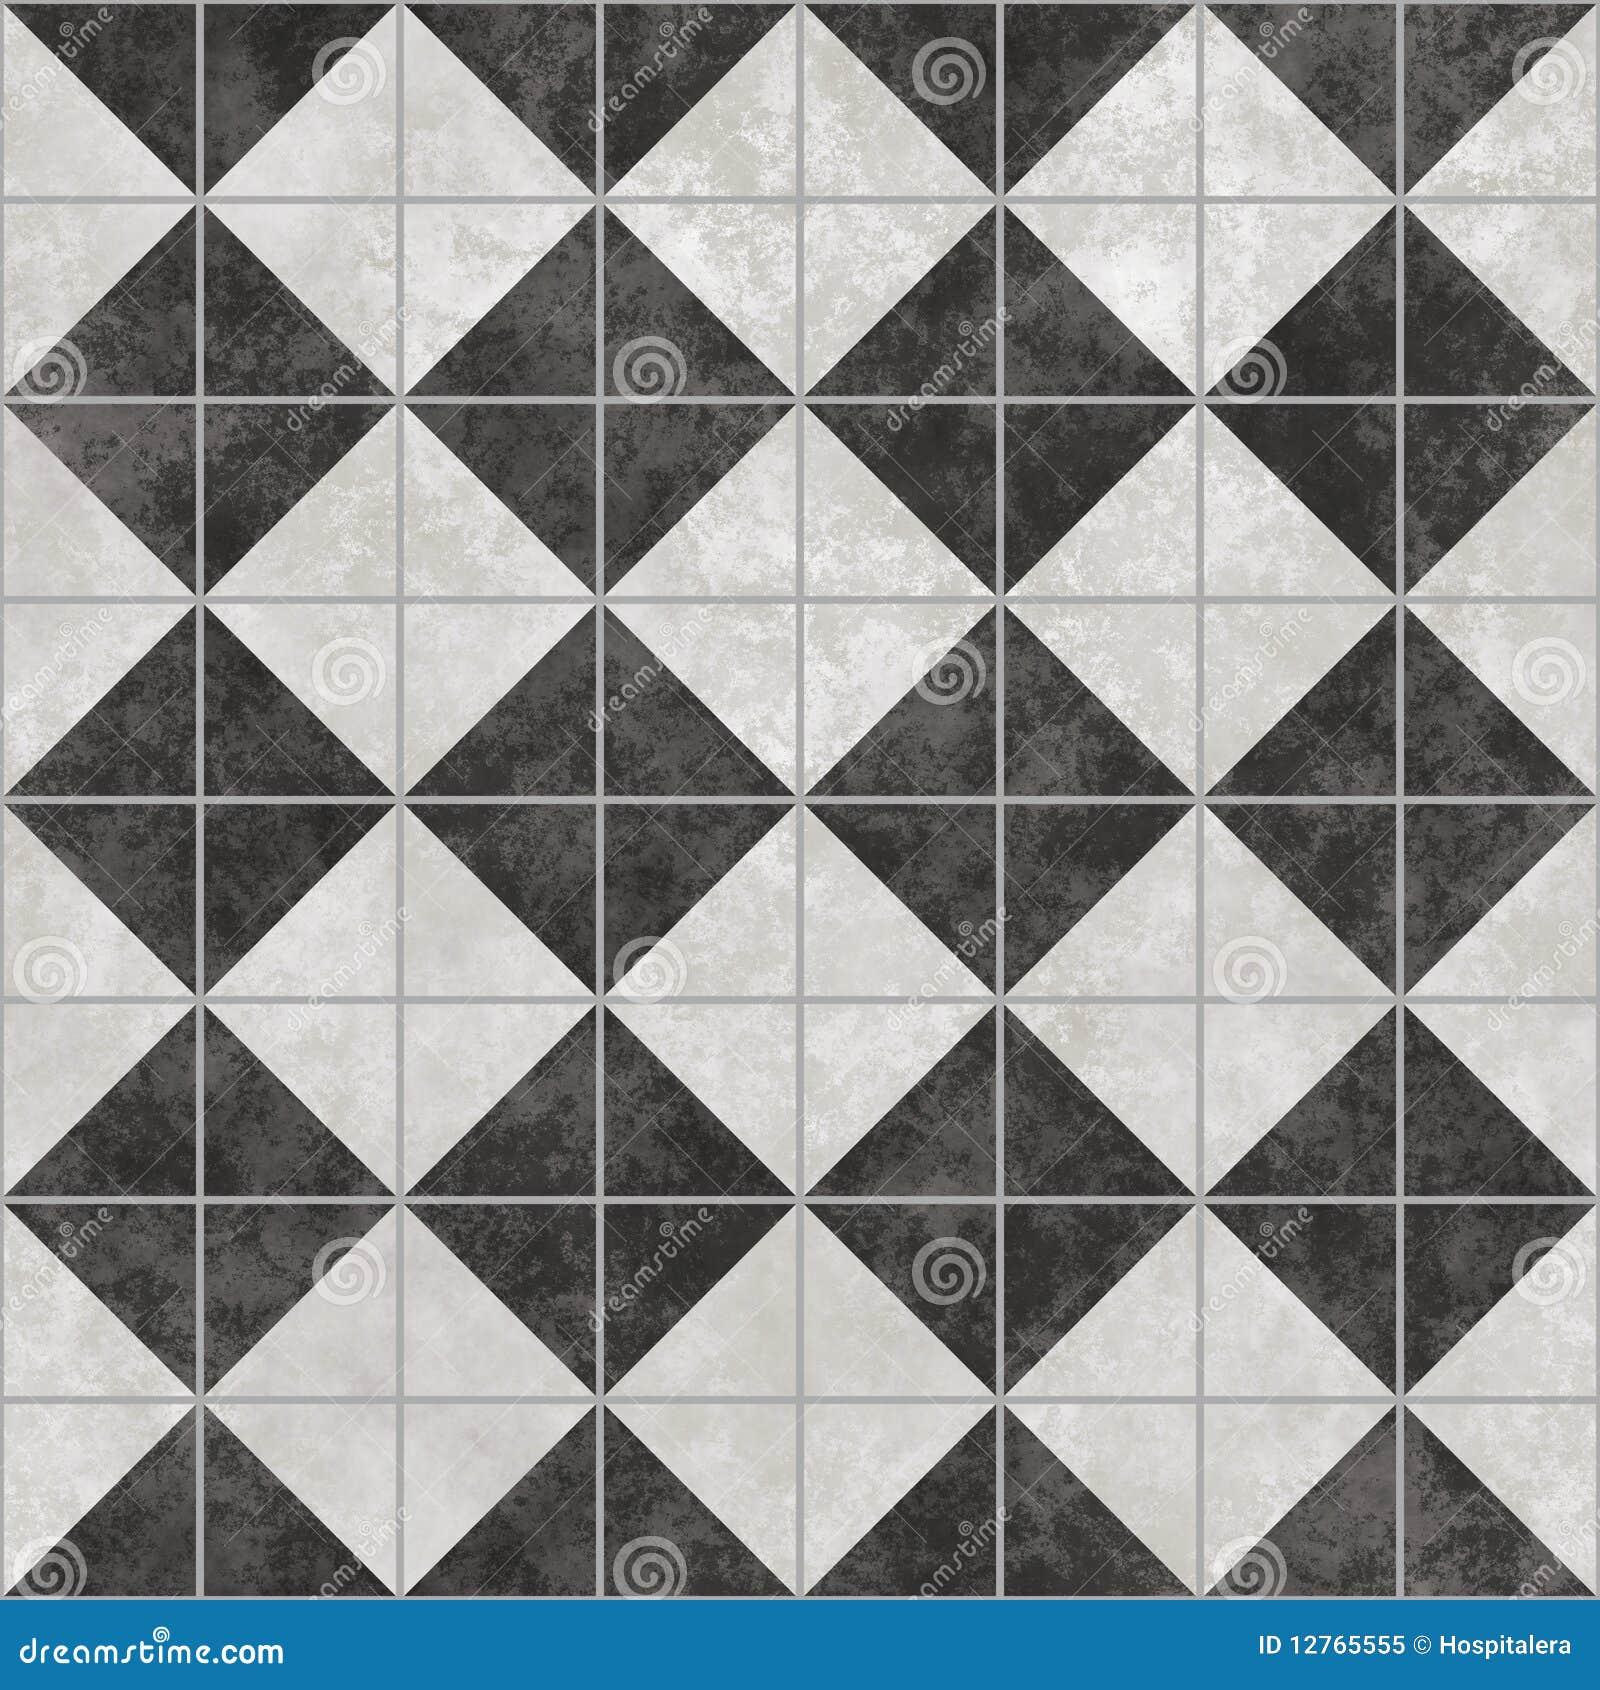 black and white tiles stock illustration illustration of. Black Bedroom Furniture Sets. Home Design Ideas